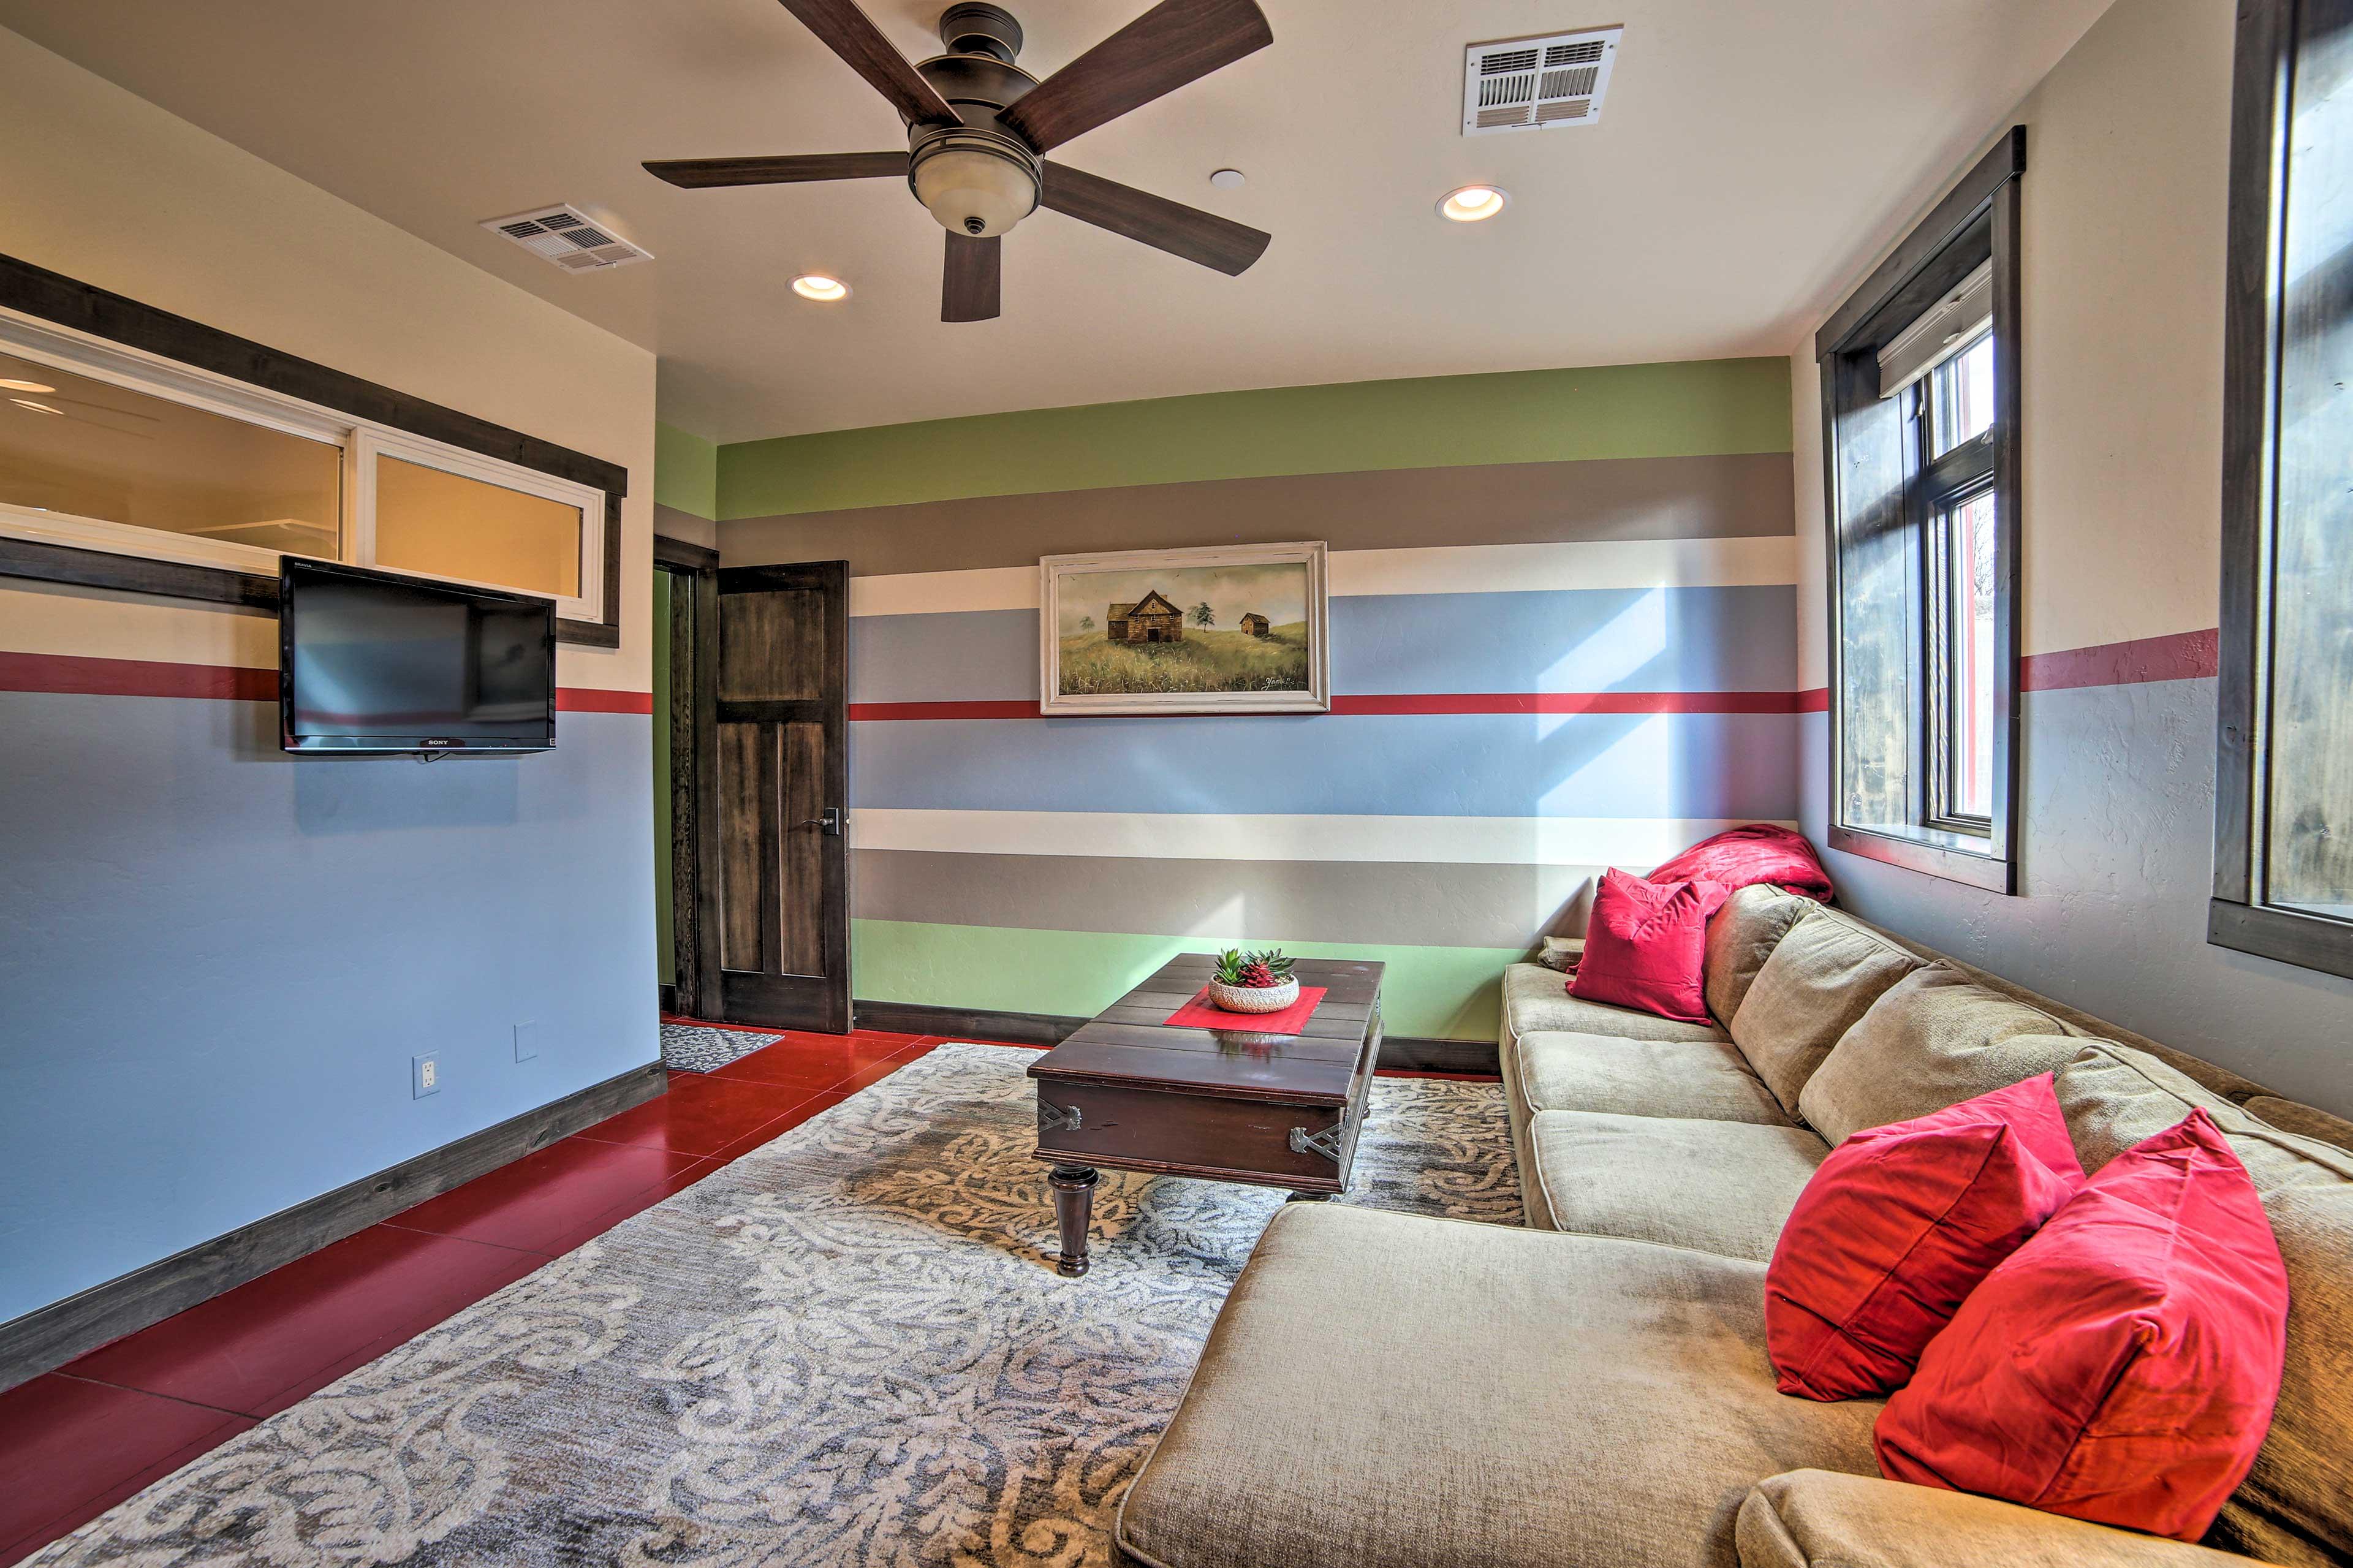 Rec Room   Lounge Area   Smart TV